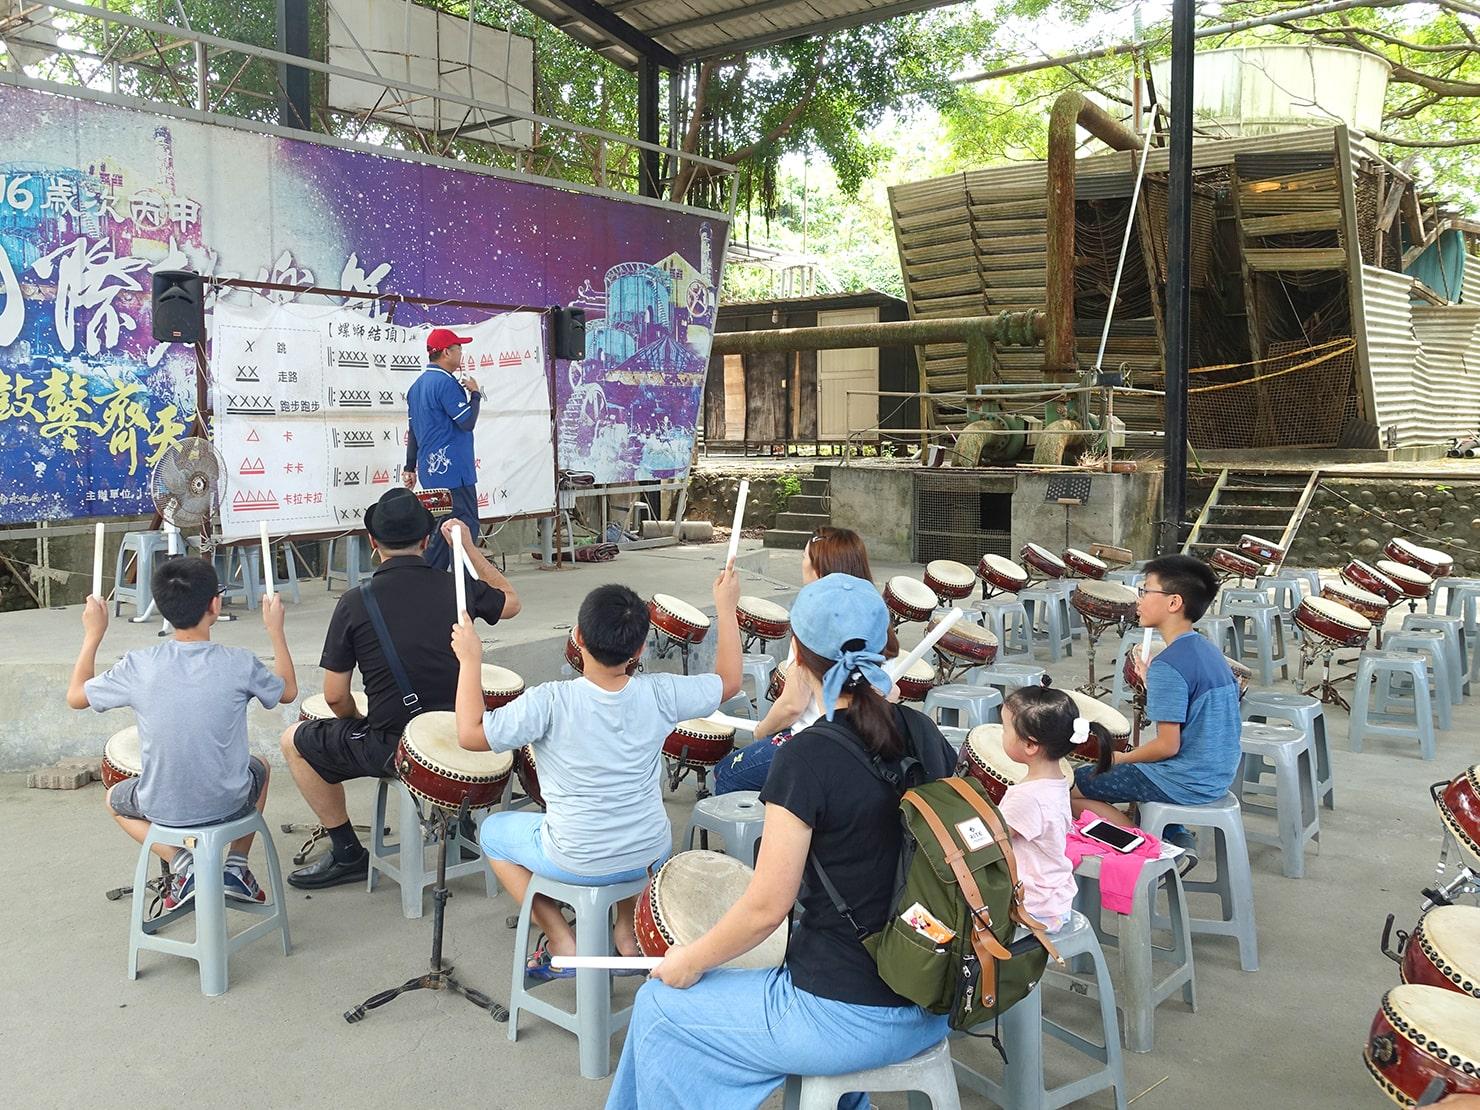 台南市街郊外のおすすめ観光スポット「十鼓仁糖文化園區」で太鼓演奏体験